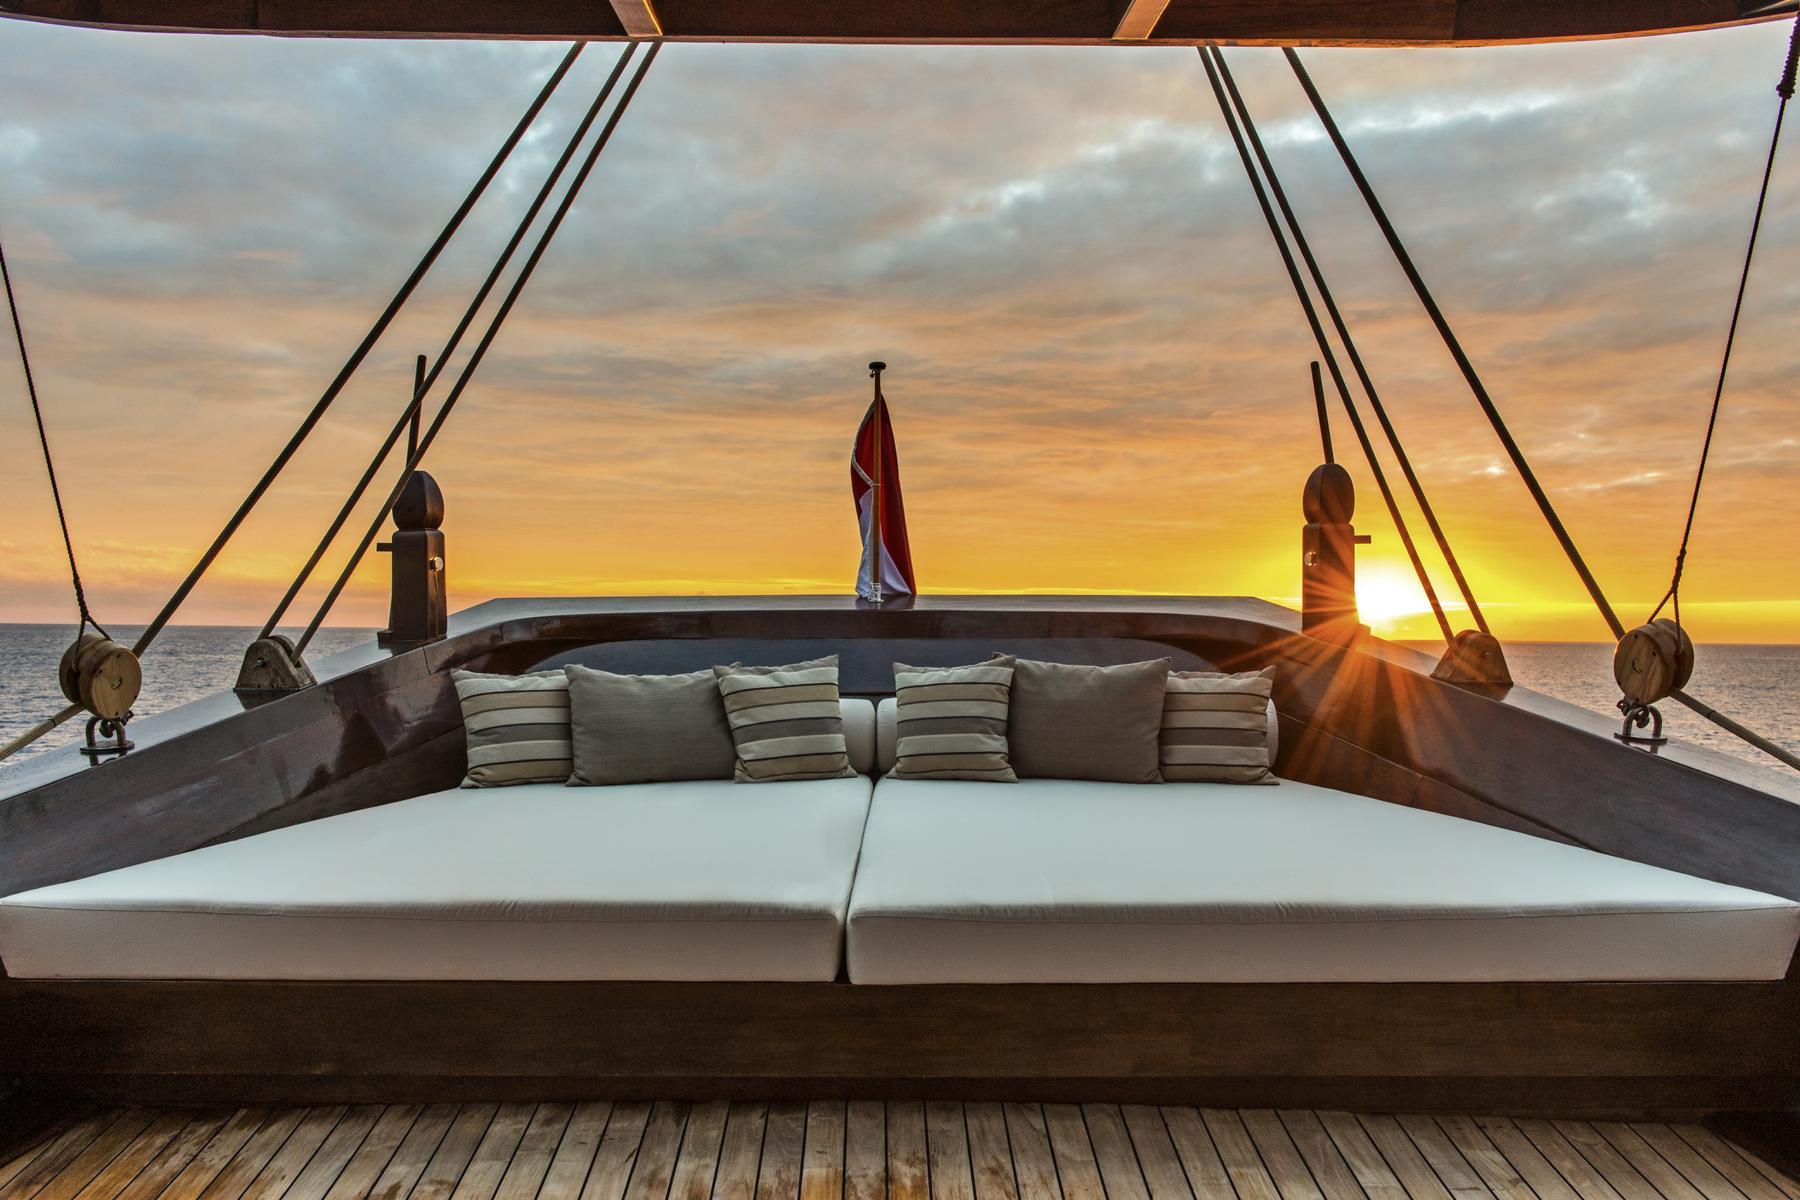 Loungemöbel auf dem Sonnendeck der Amandira von Aman Cruises im Sonnenuntergang